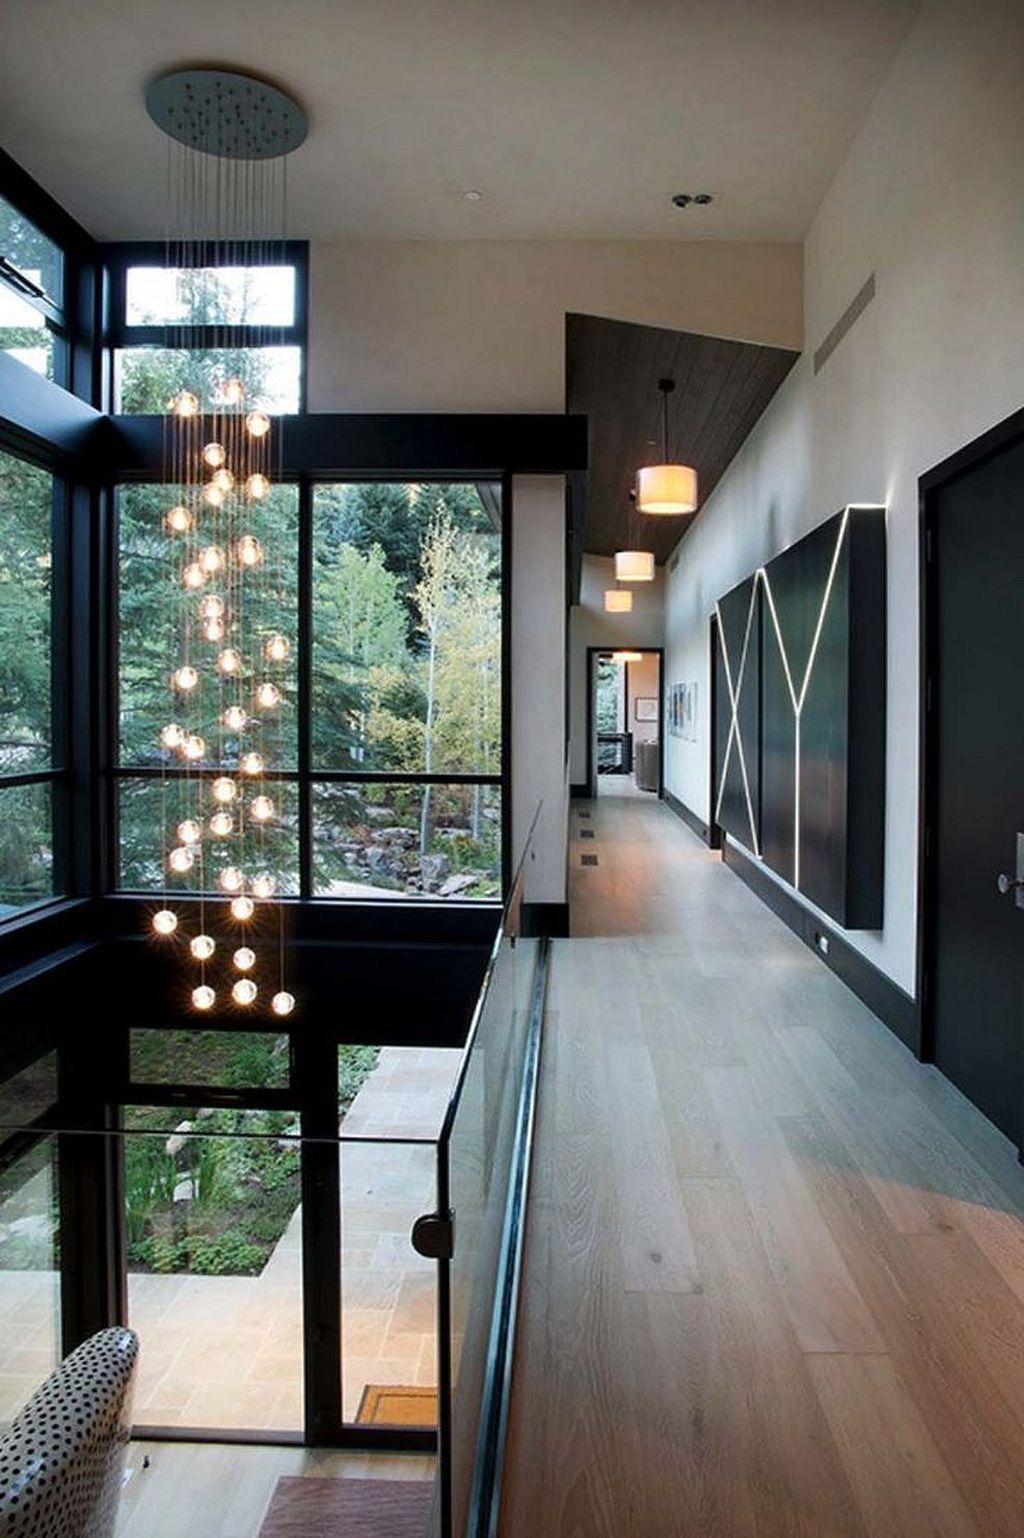 Awesome 25 Modern Home Interior Design Ideas https://hgmagz.com/25 ...